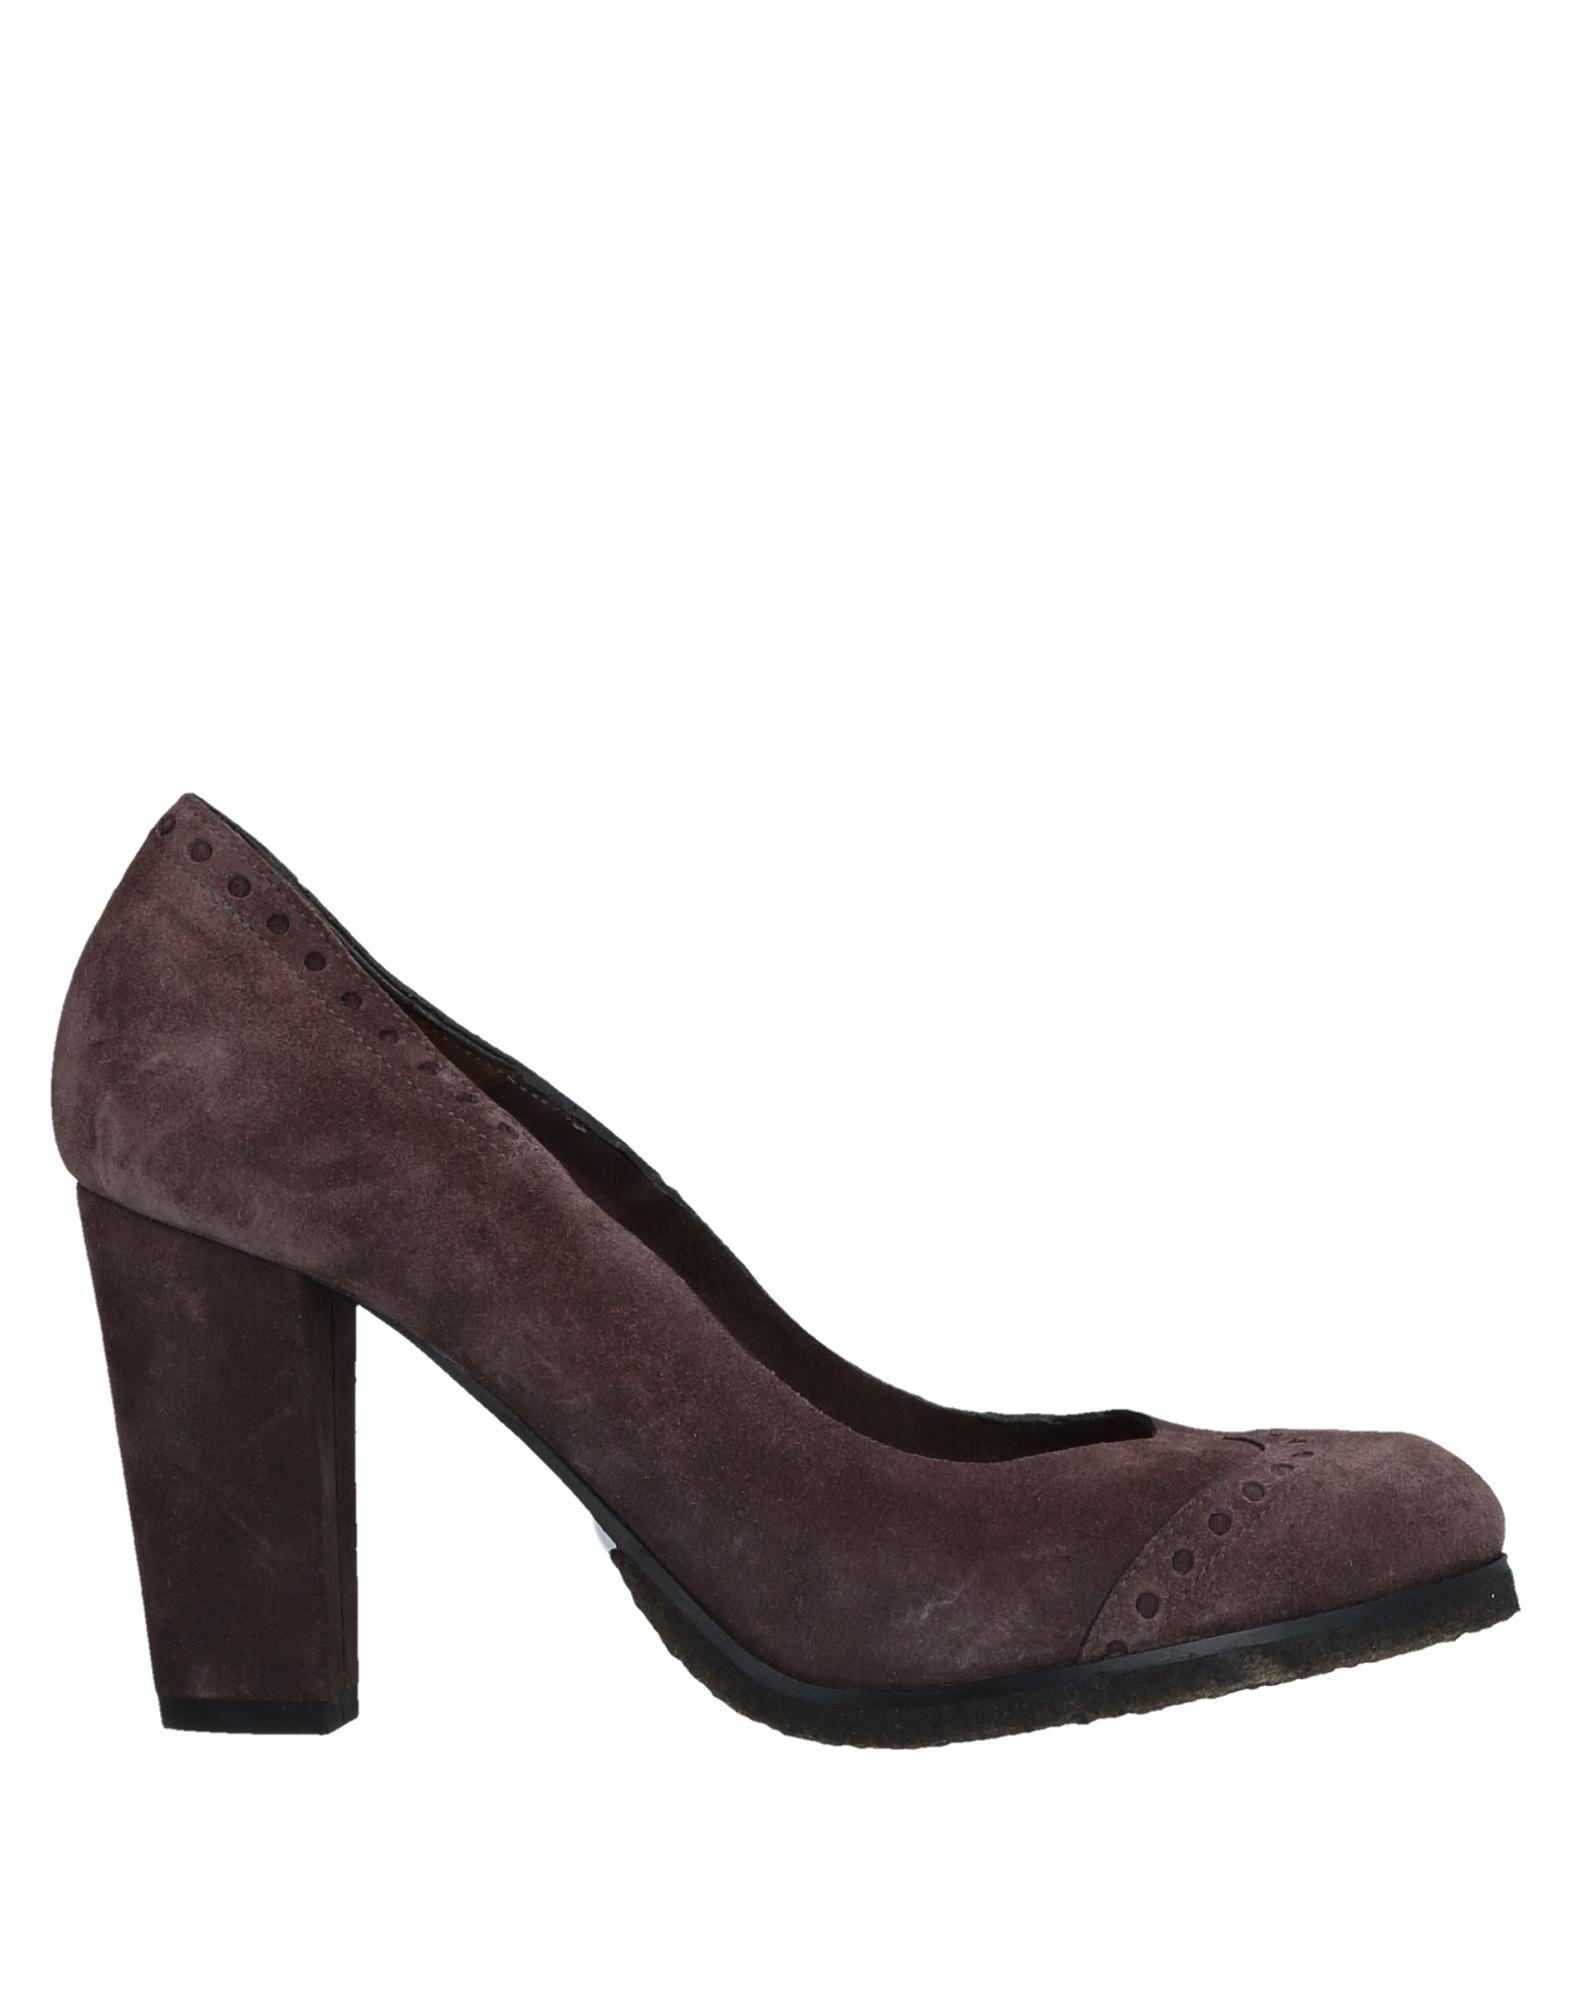 Sneakers Clae Uomo - 11295241RS Scarpe economiche e buone